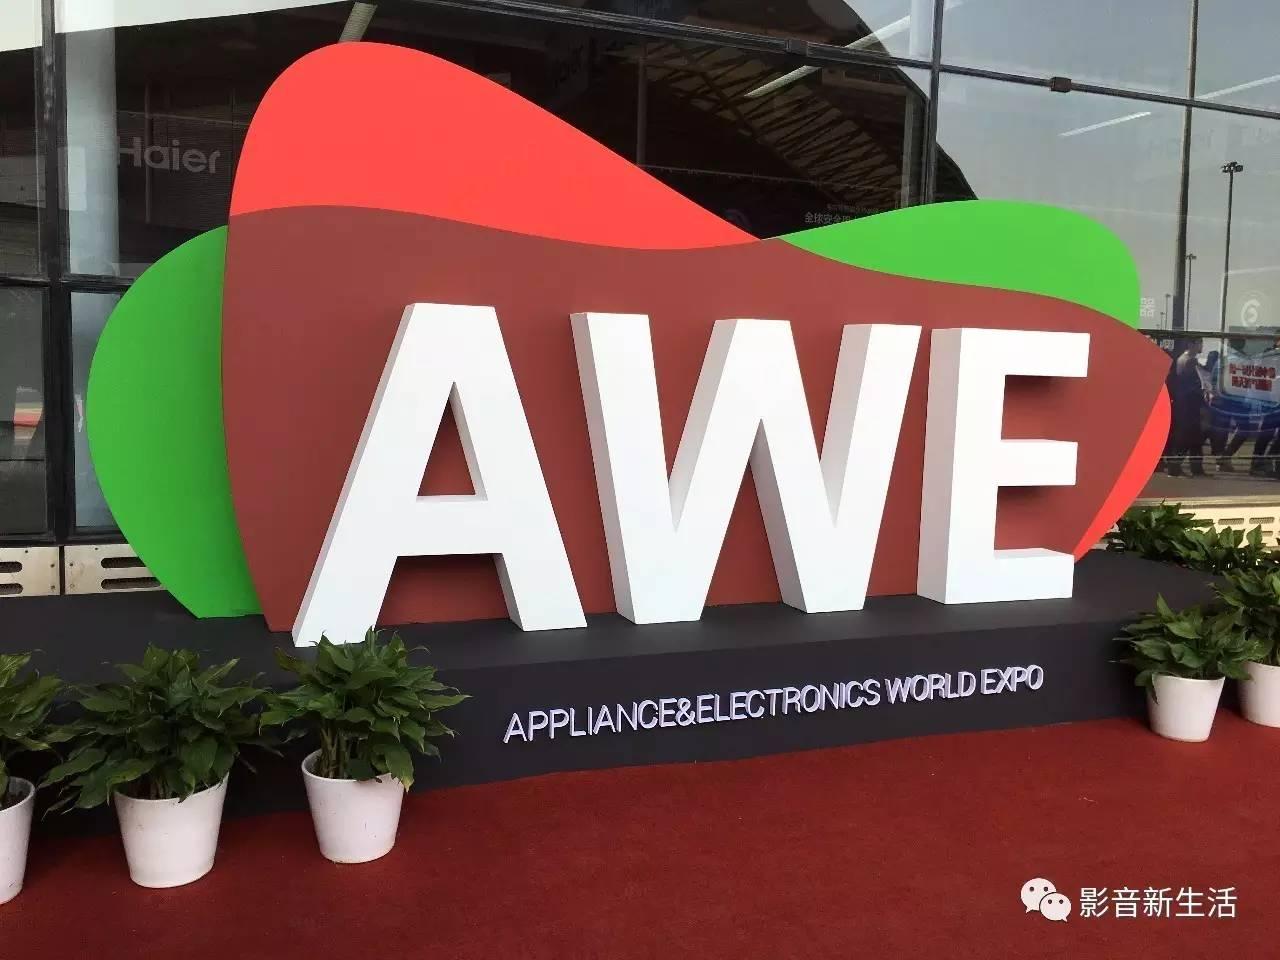 新品 | AWE2017开幕!CAN看尚高调发布多款战略产品,让创新与生活更近!